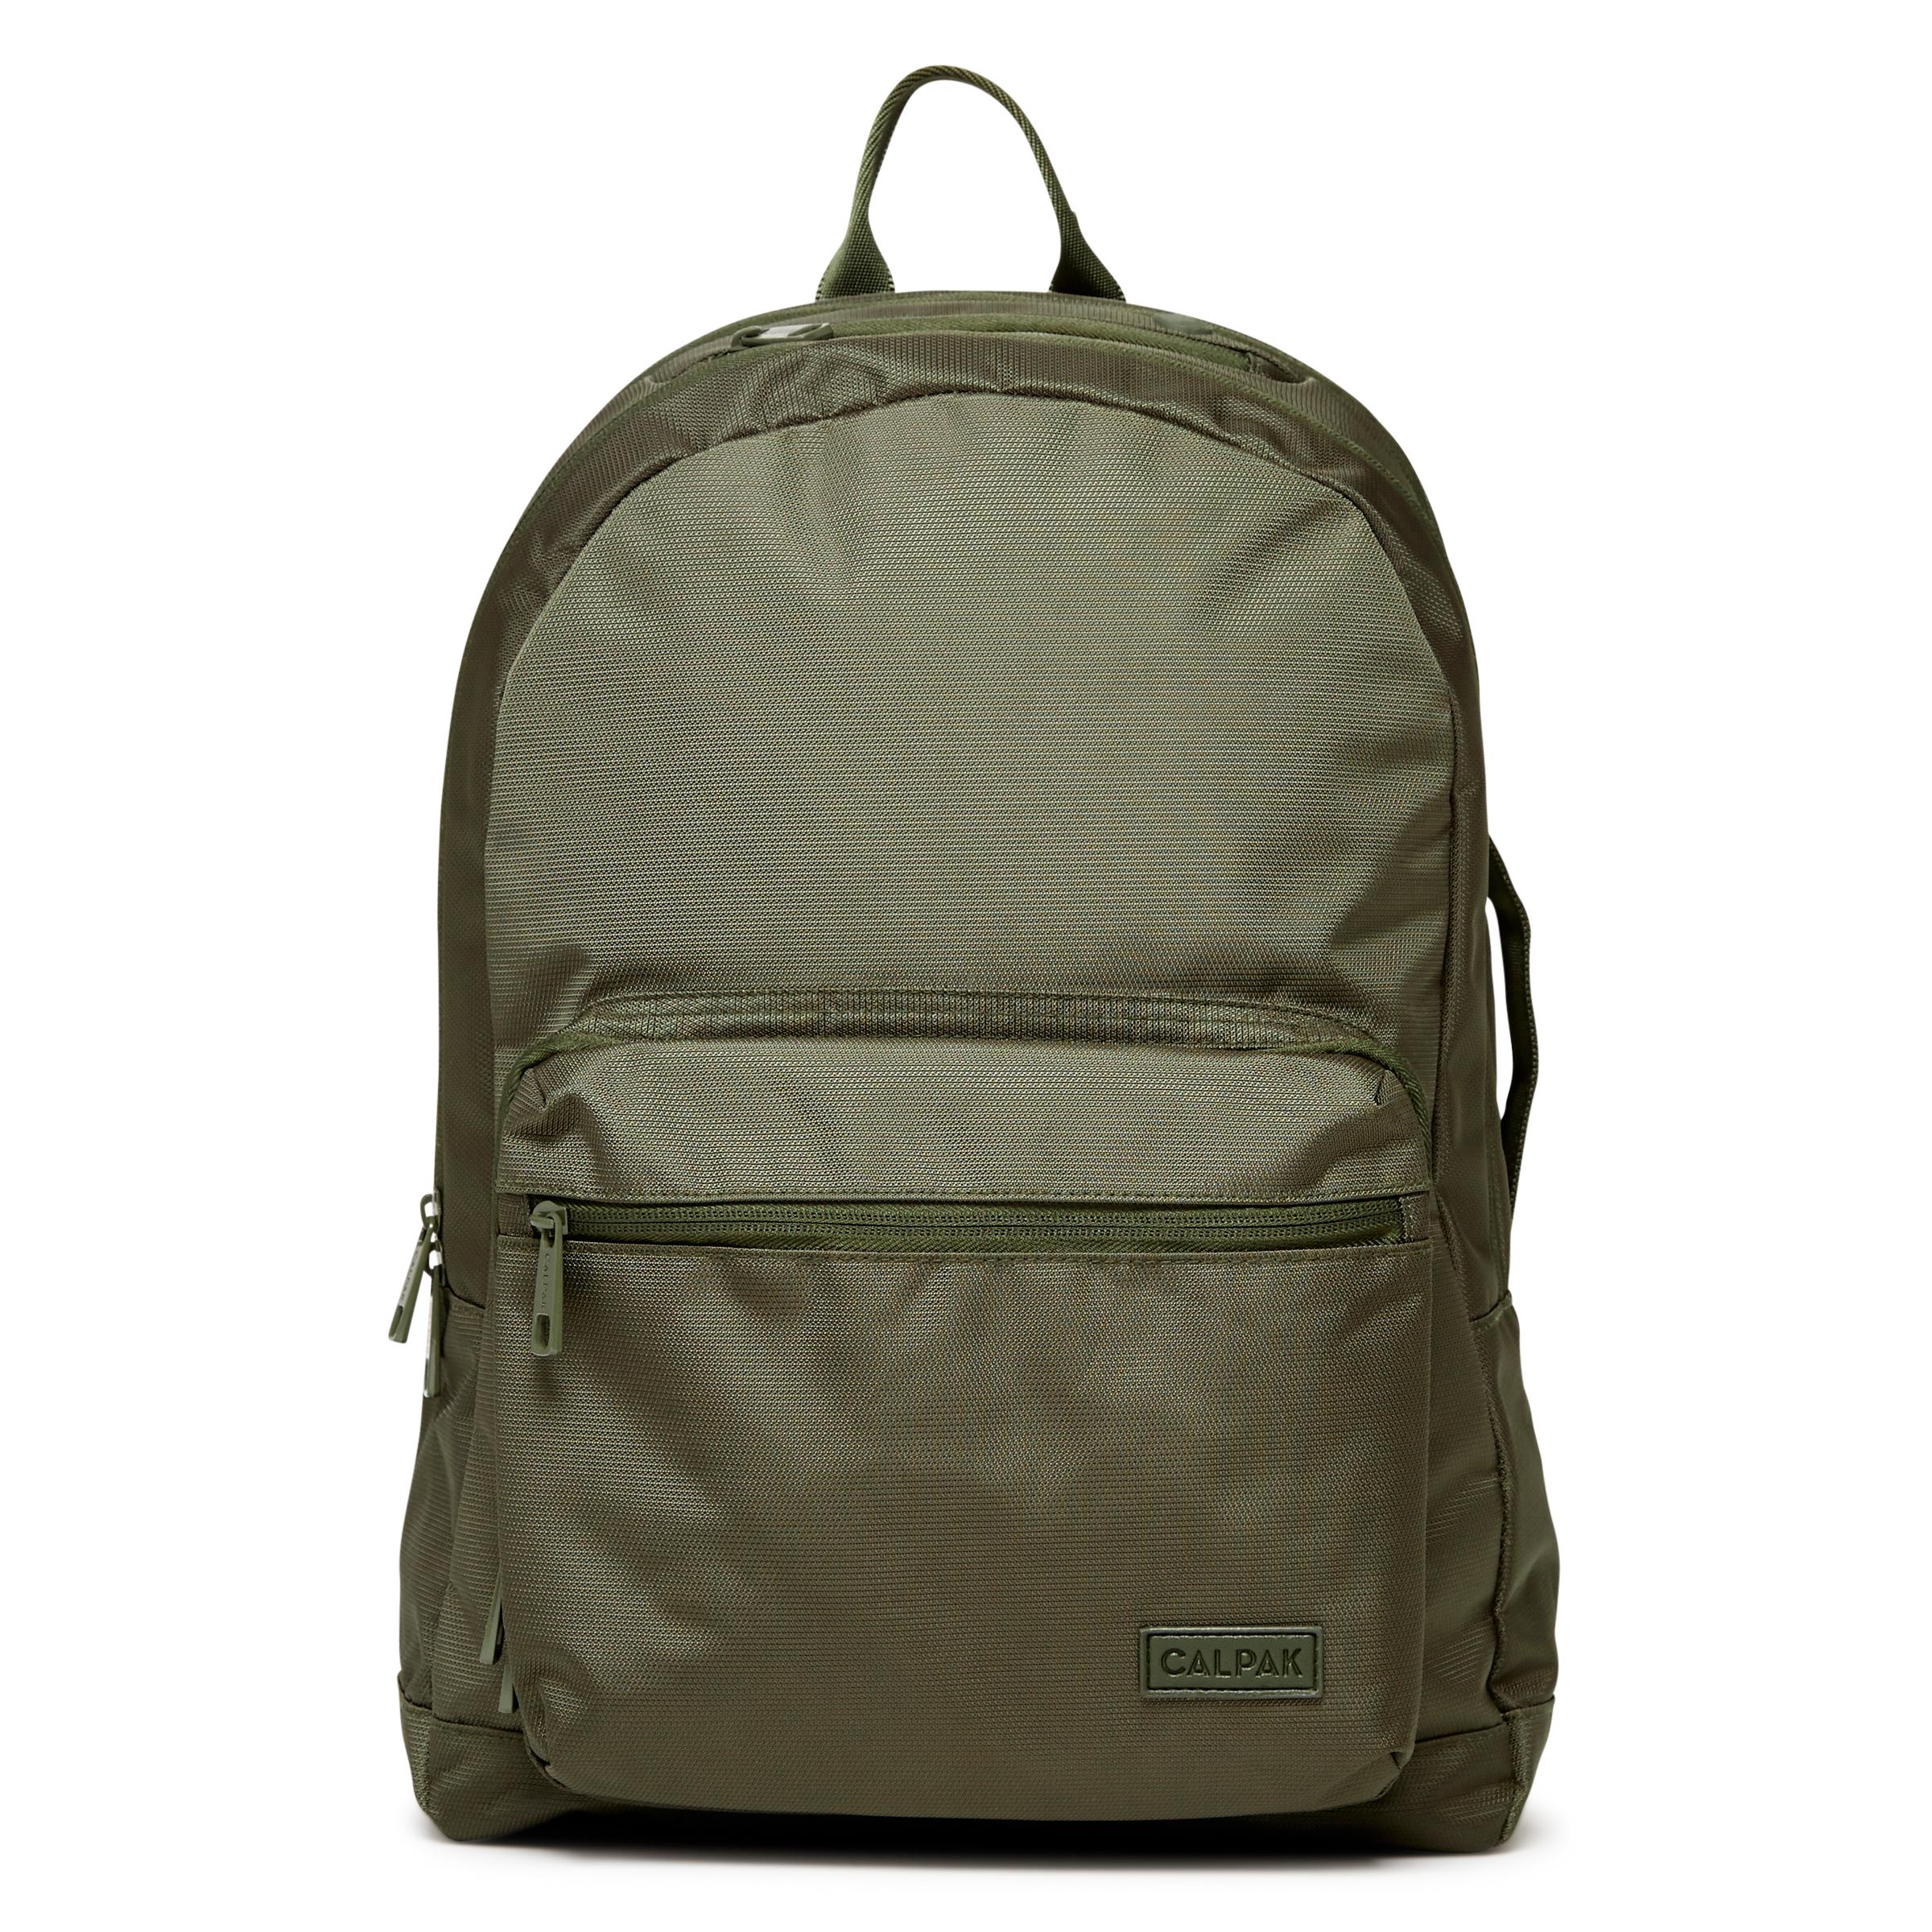 Glenroe Backpack - Olive  - $52.00